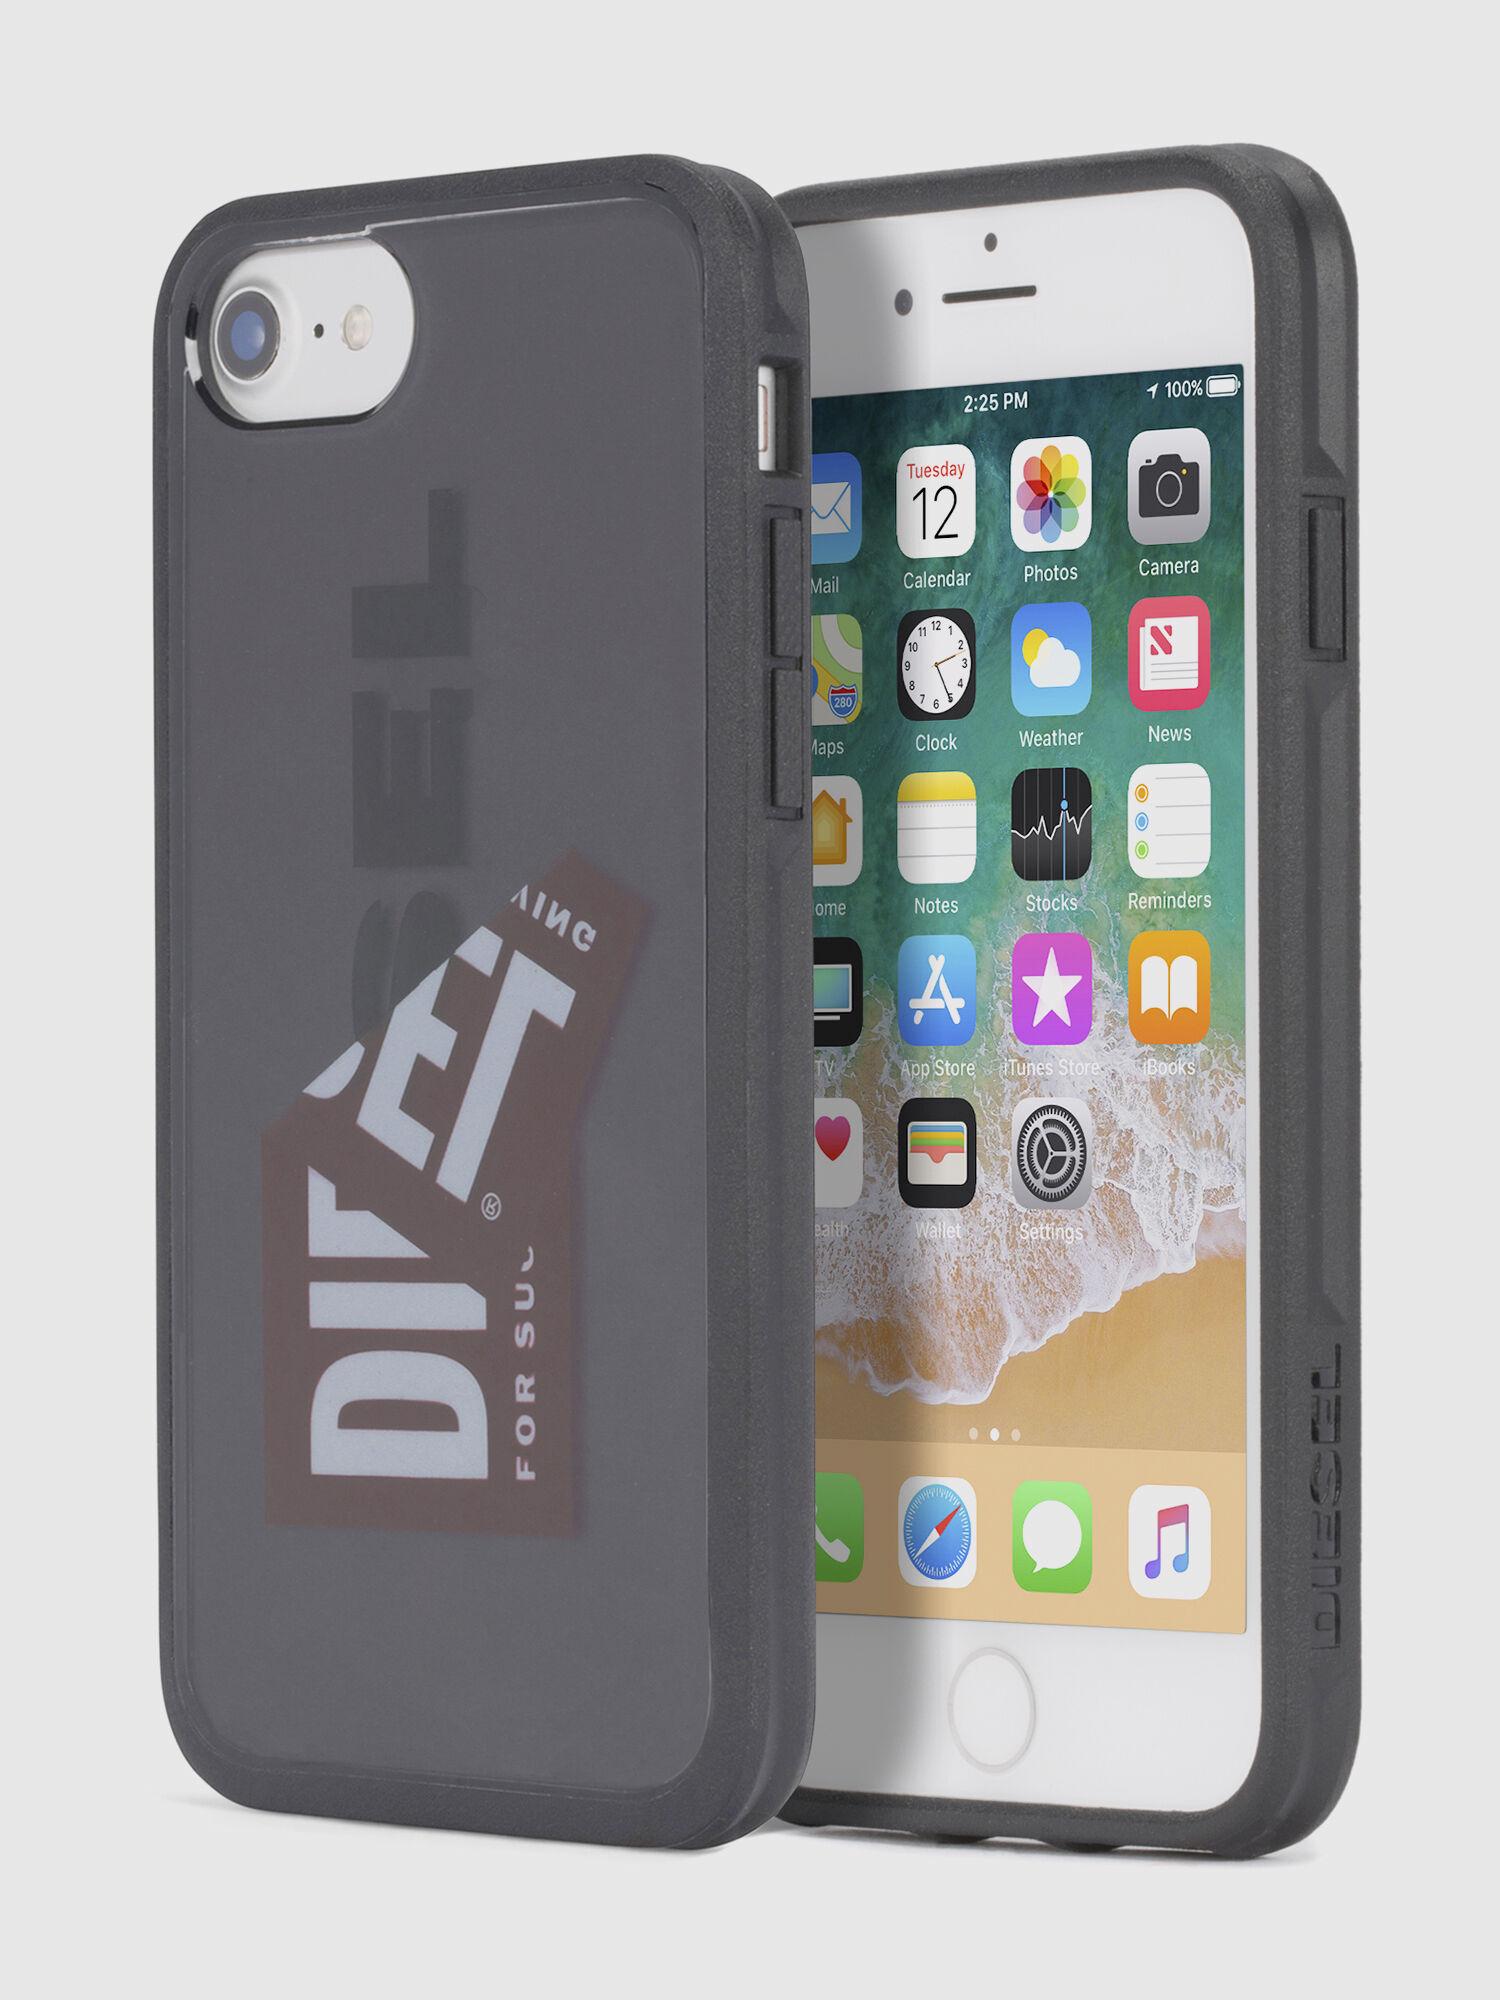 iPhone verloren? – Ausgeschaltetes iPhone orten lassen